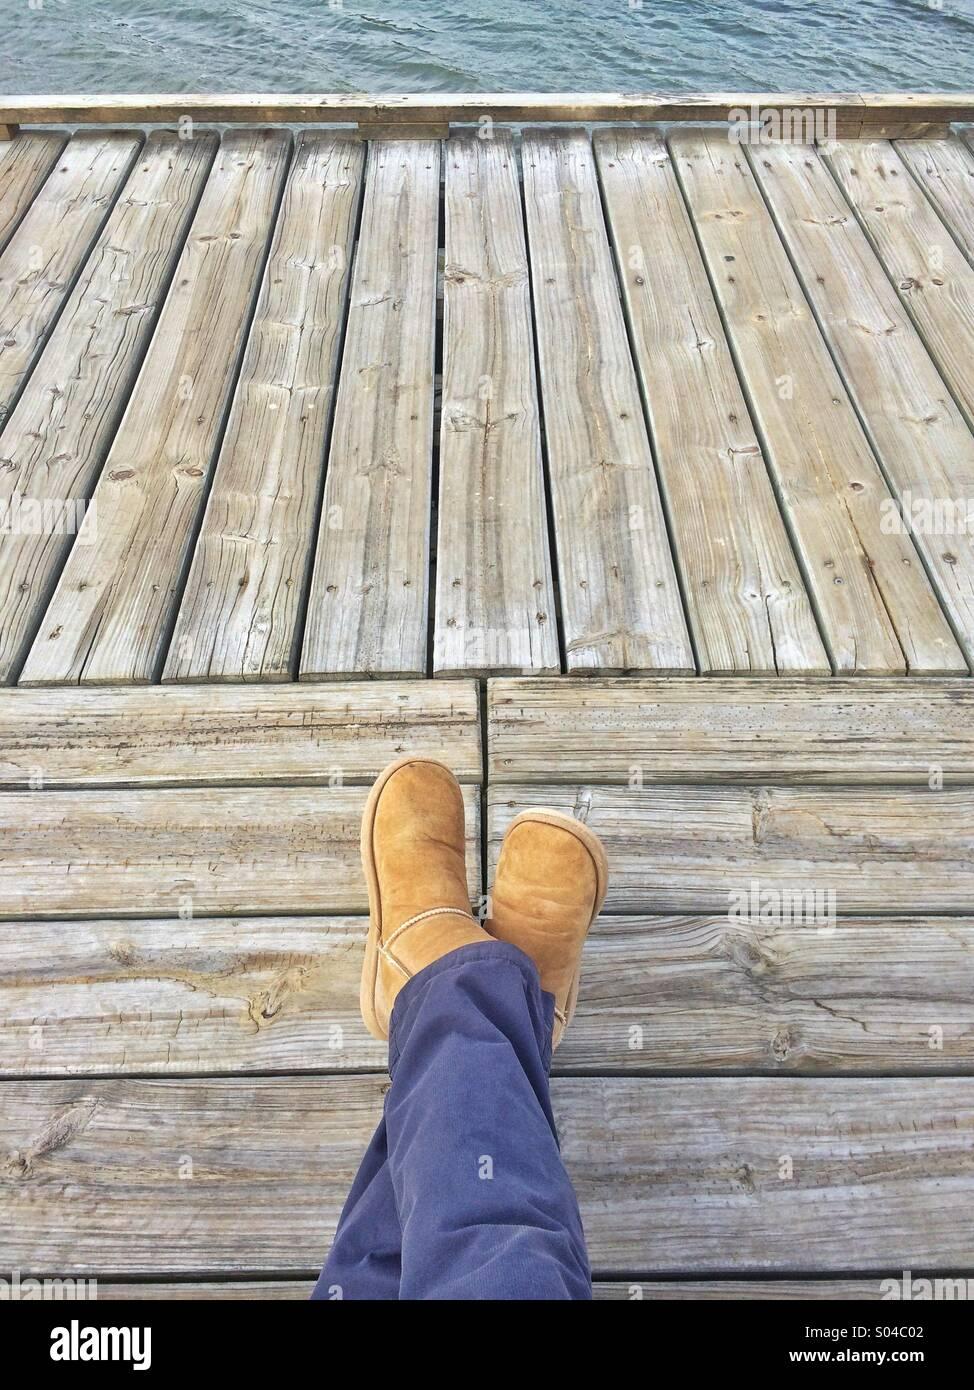 Les jambes croisées détendue sur terrasse en bois à l'eau vers Photo Stock